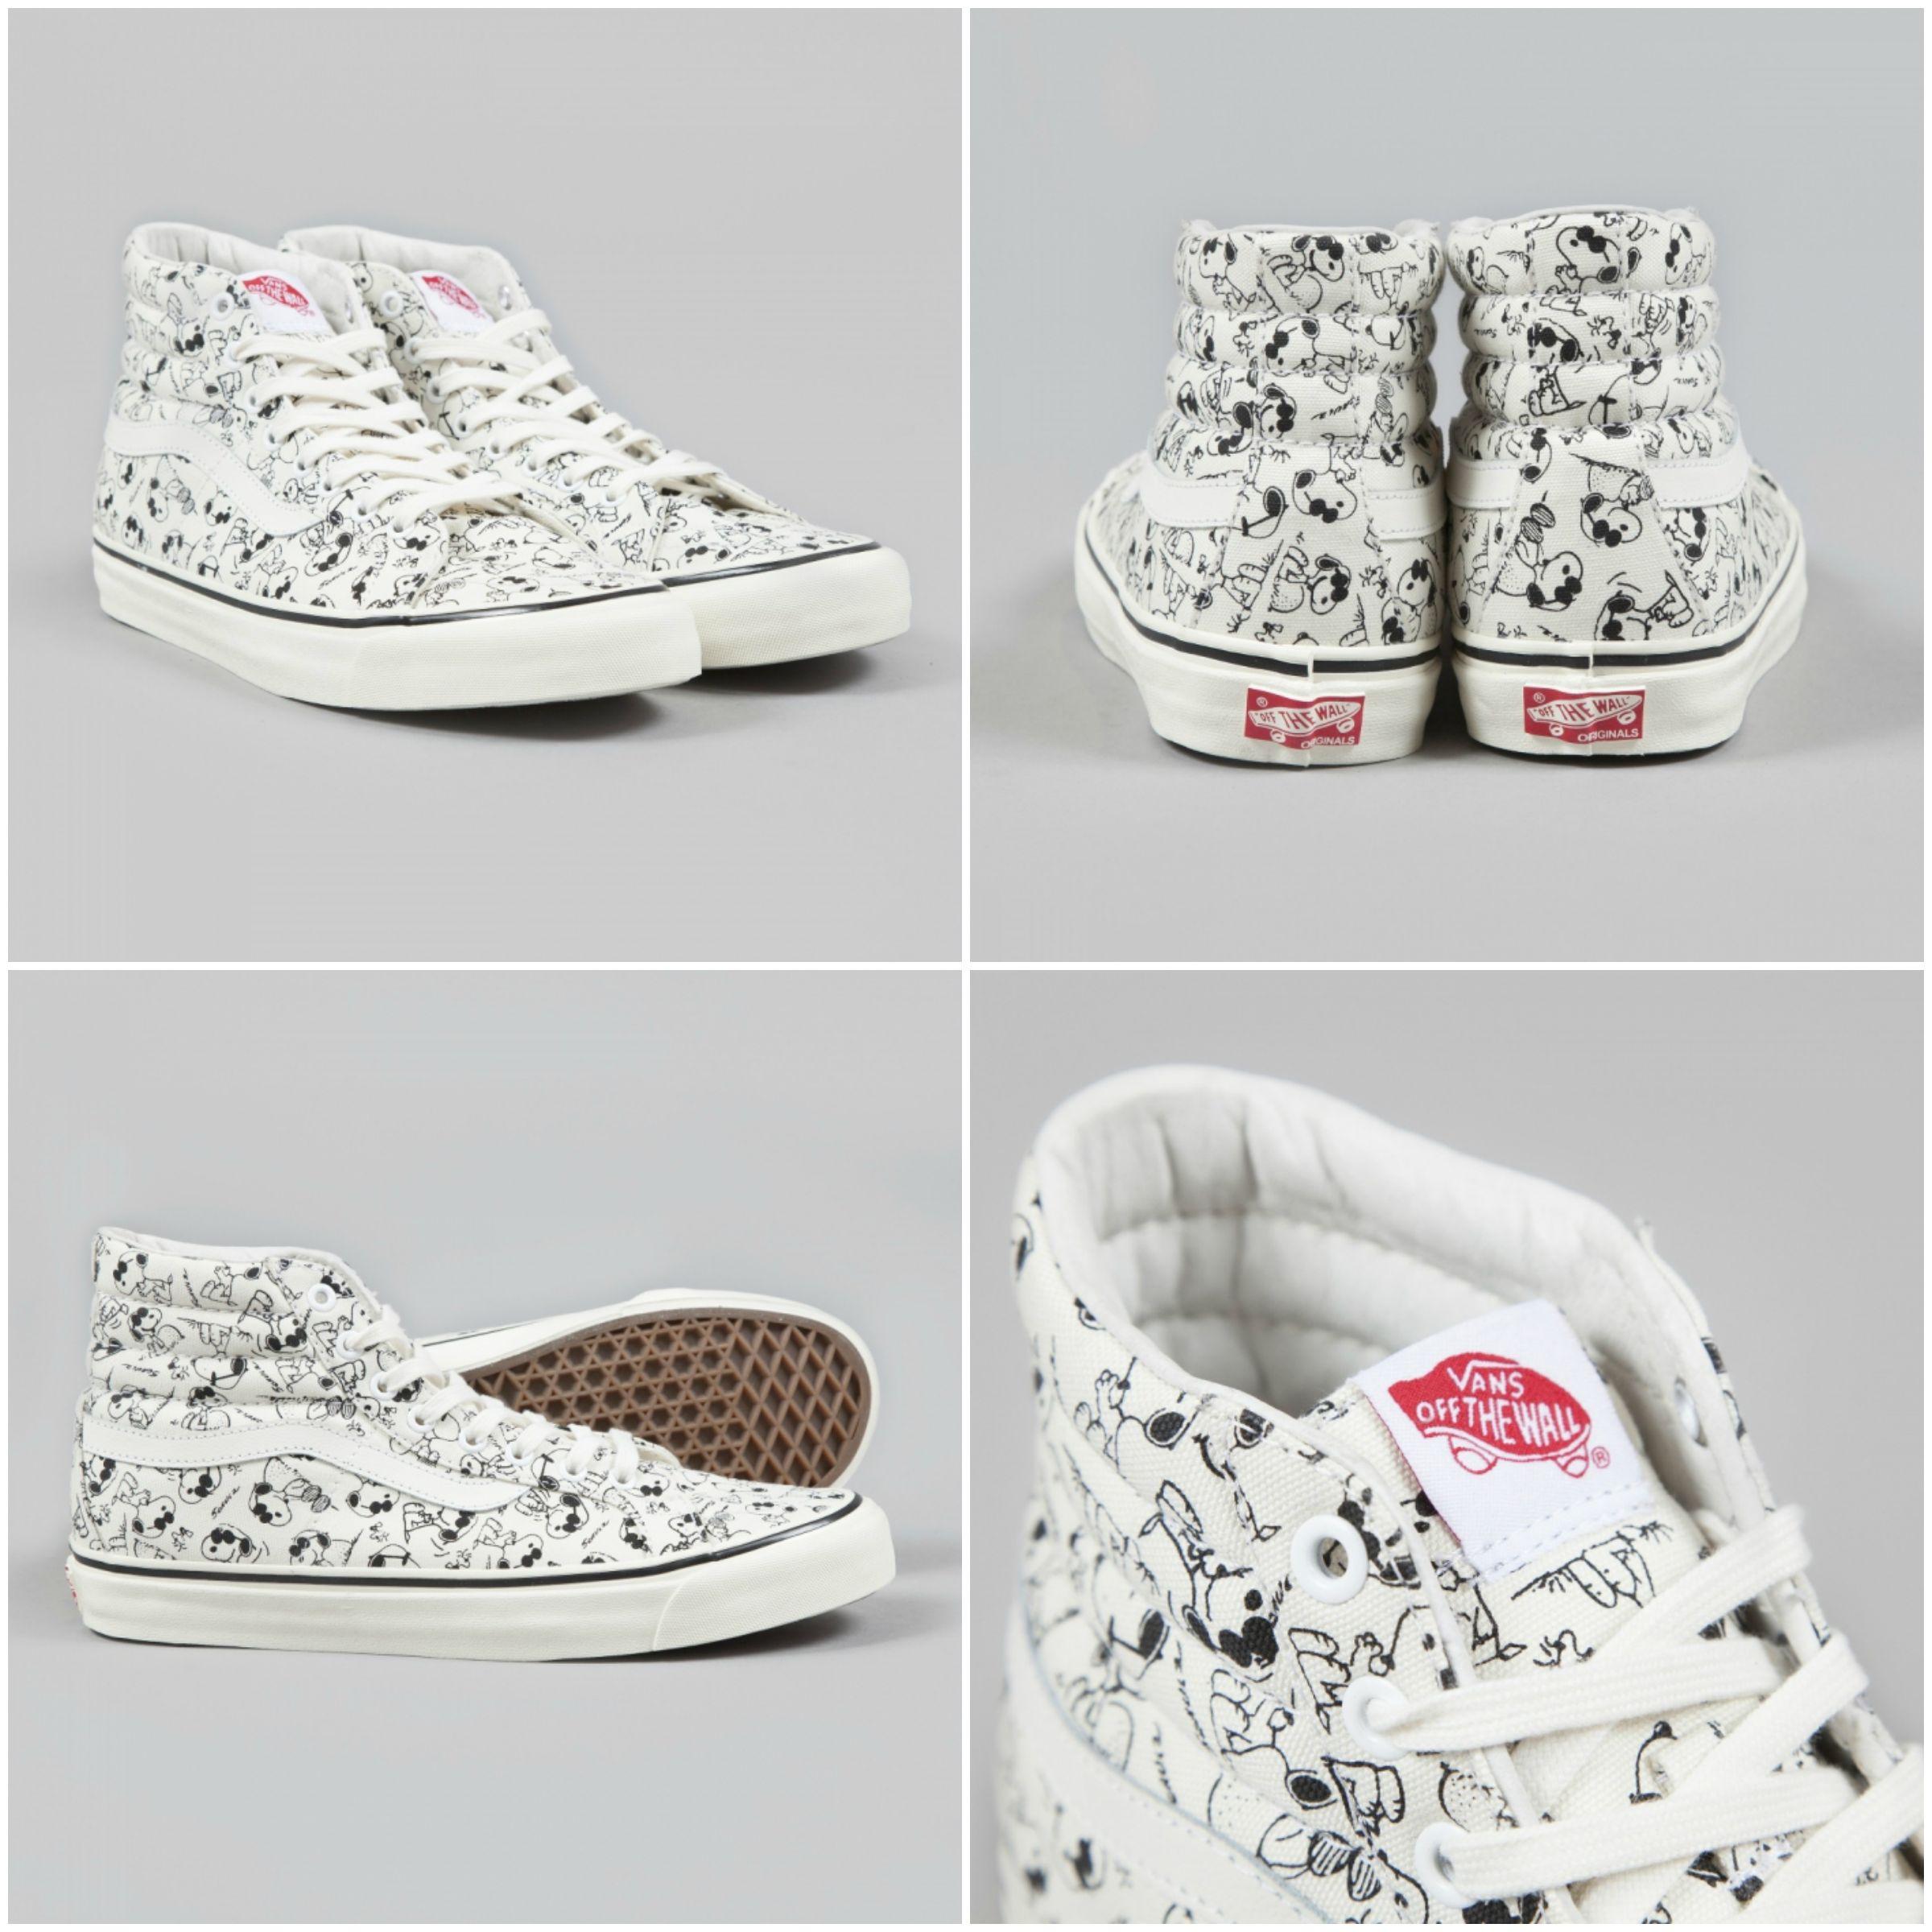 5d3f27d8bb7745 BEST OF  11 Stunning Vans   Converse Sneakers